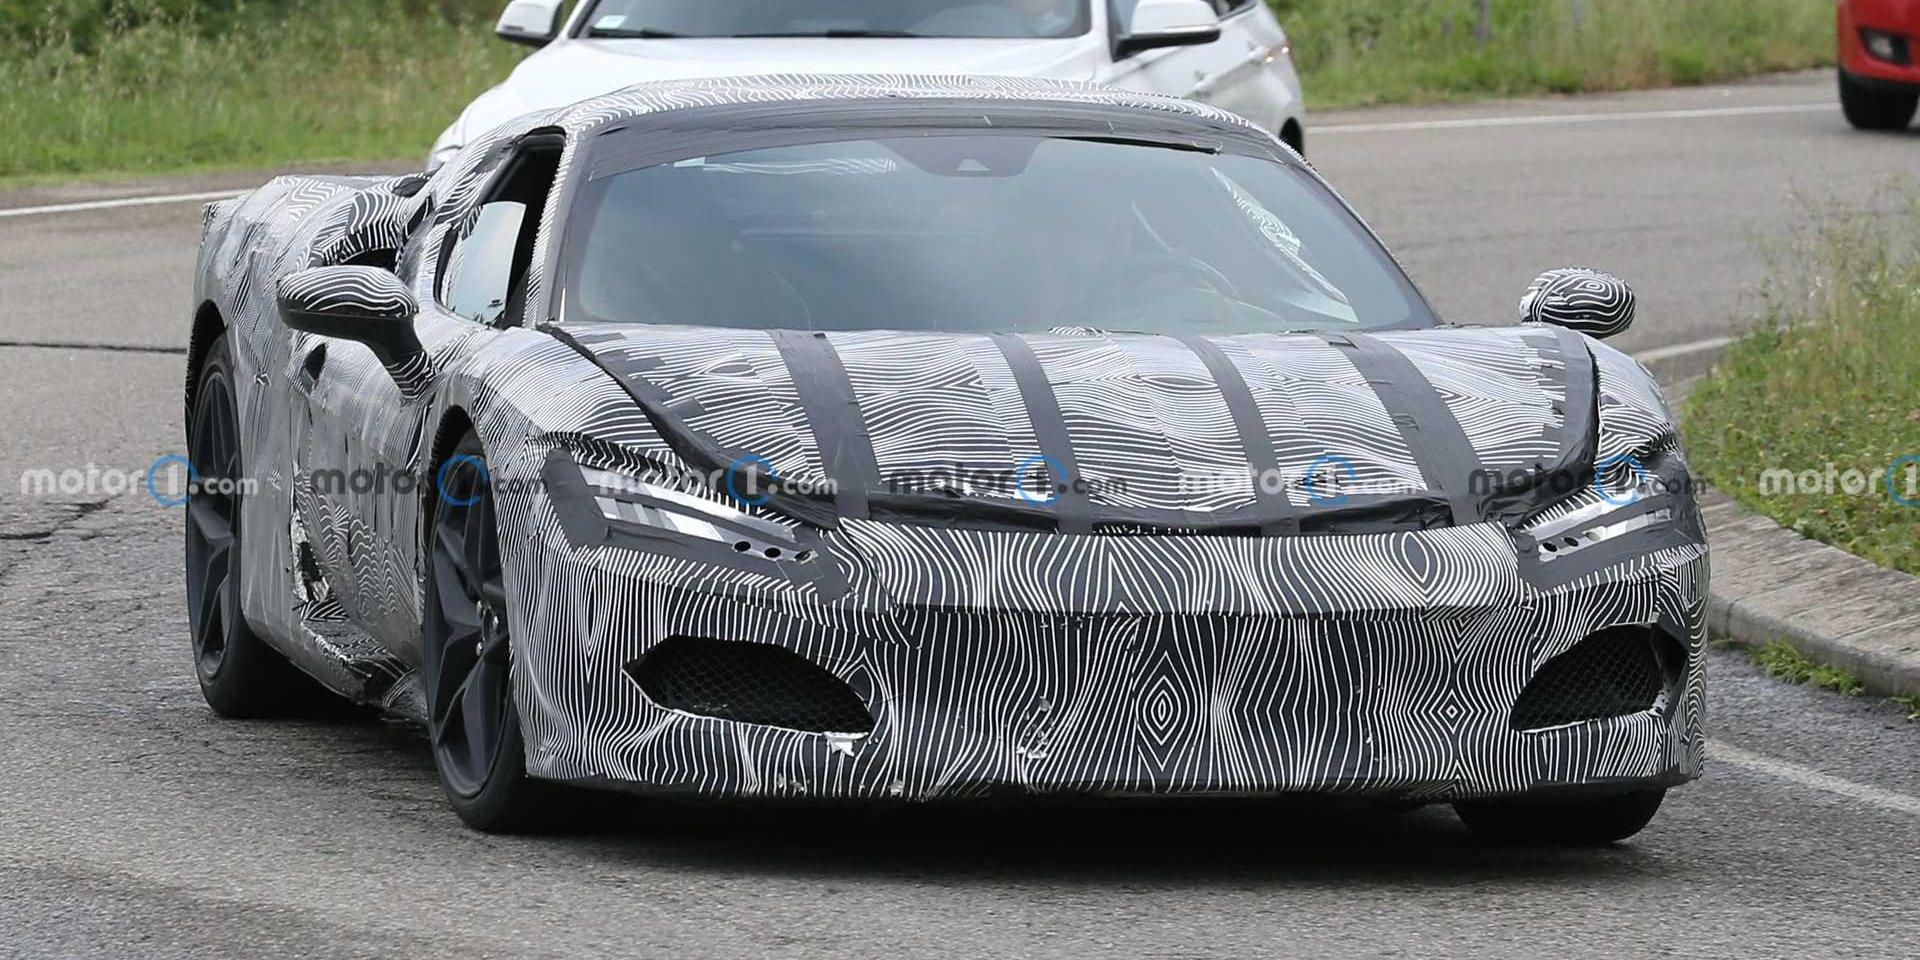 六缸還叫超跑嗎?Ferrari即將發表油電V6新車型!